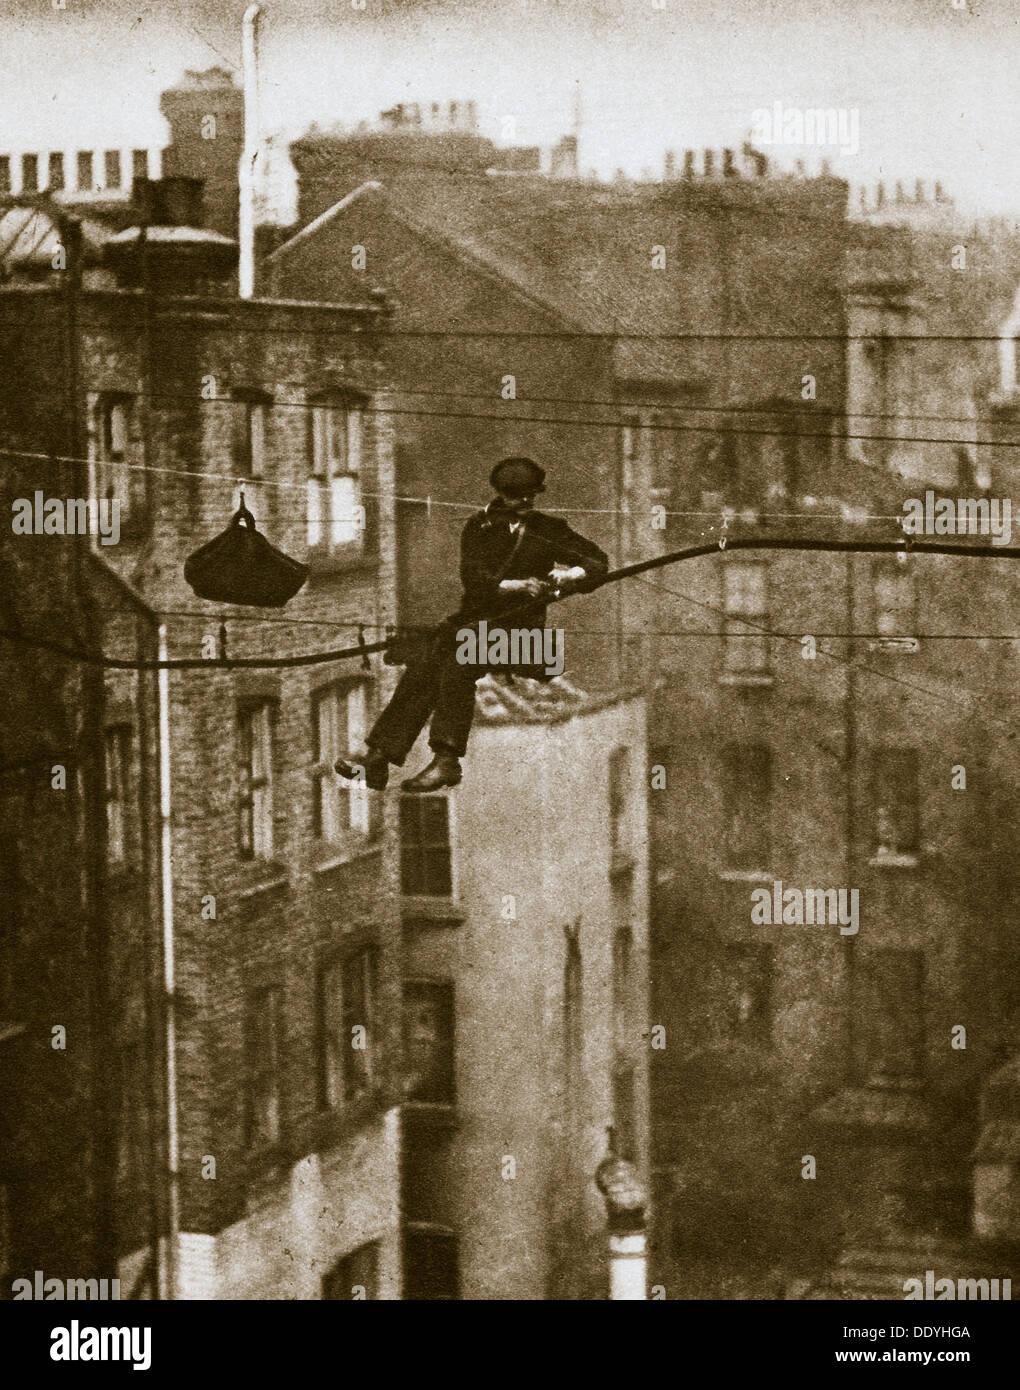 Inspektion eines Telefonkabels zwischen Leitung und Maddox Street, 20. Jahrhundert. Künstler: unbekannt Stockbild